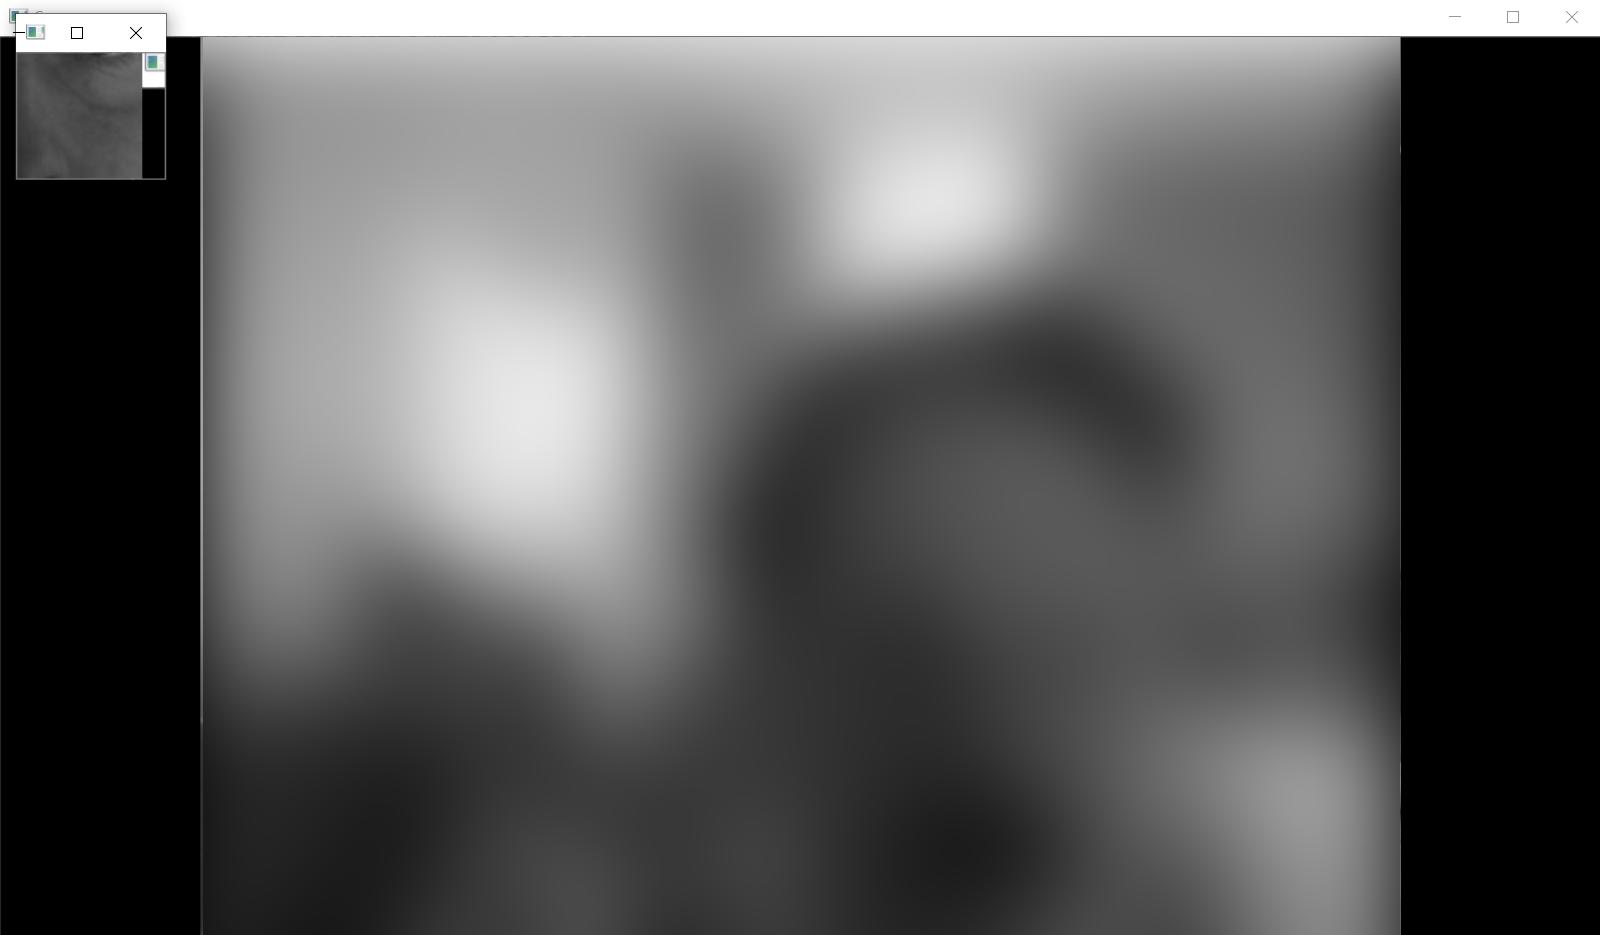 Определяем пульс по вебкамере в 50 строчек кода